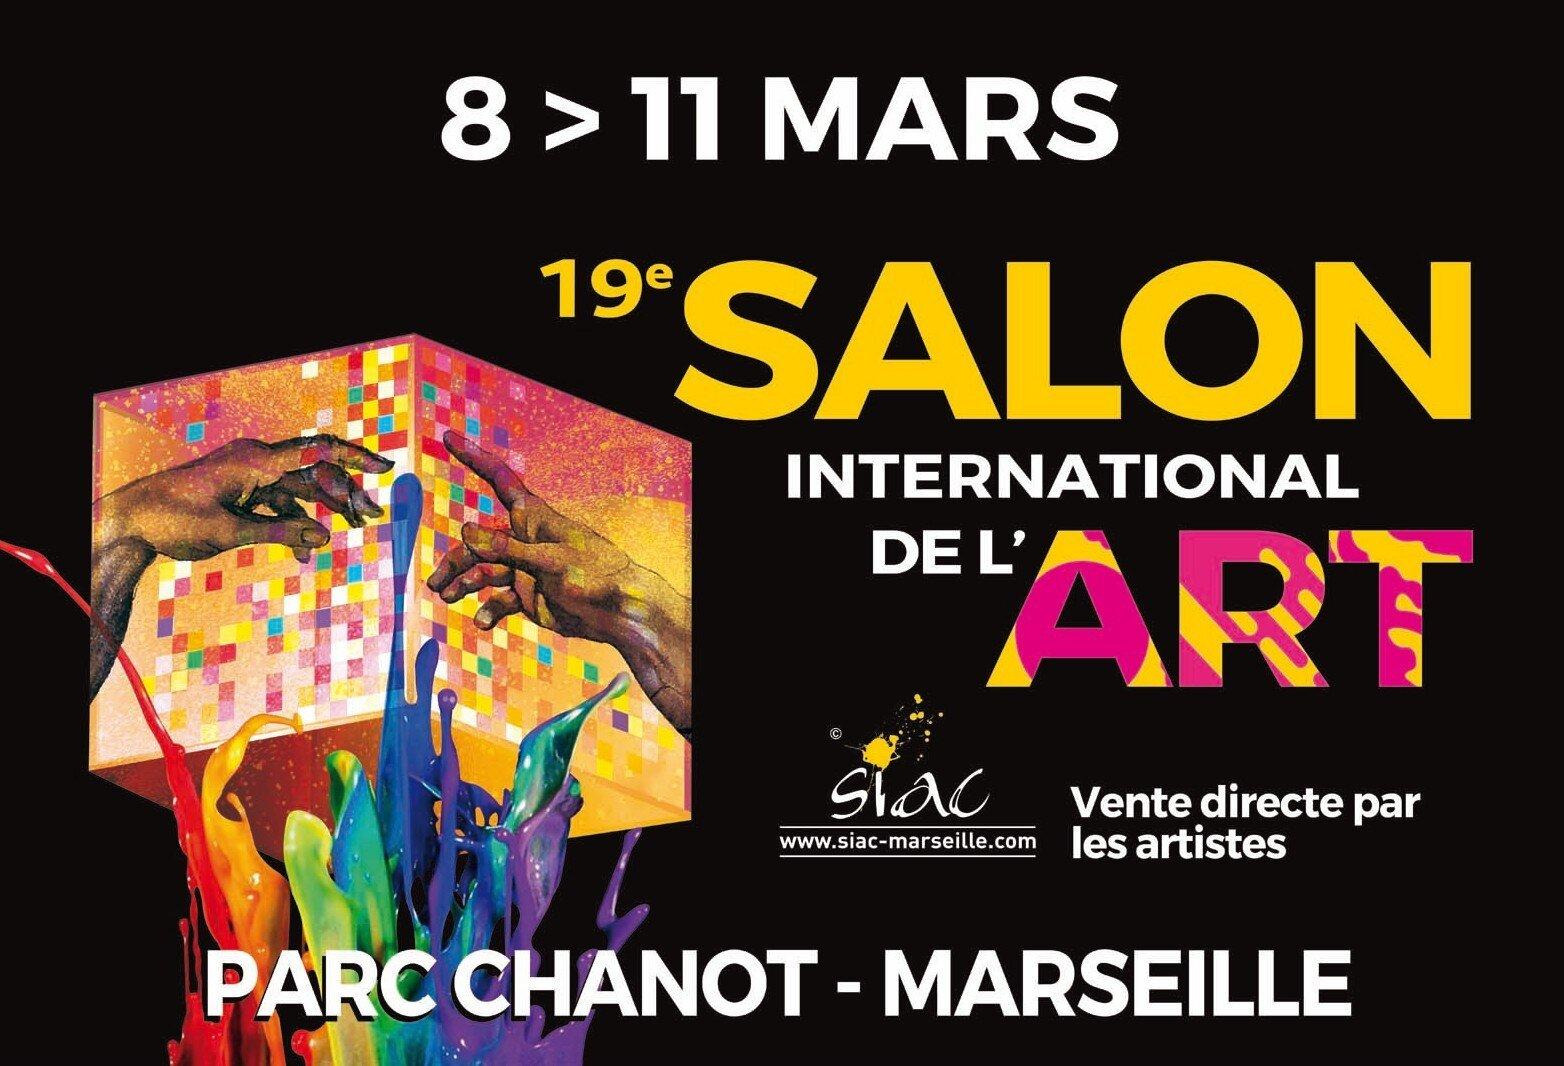 SIAC 2019 Salon International de l'Art Contemporain à Marseille au Parc Chanot